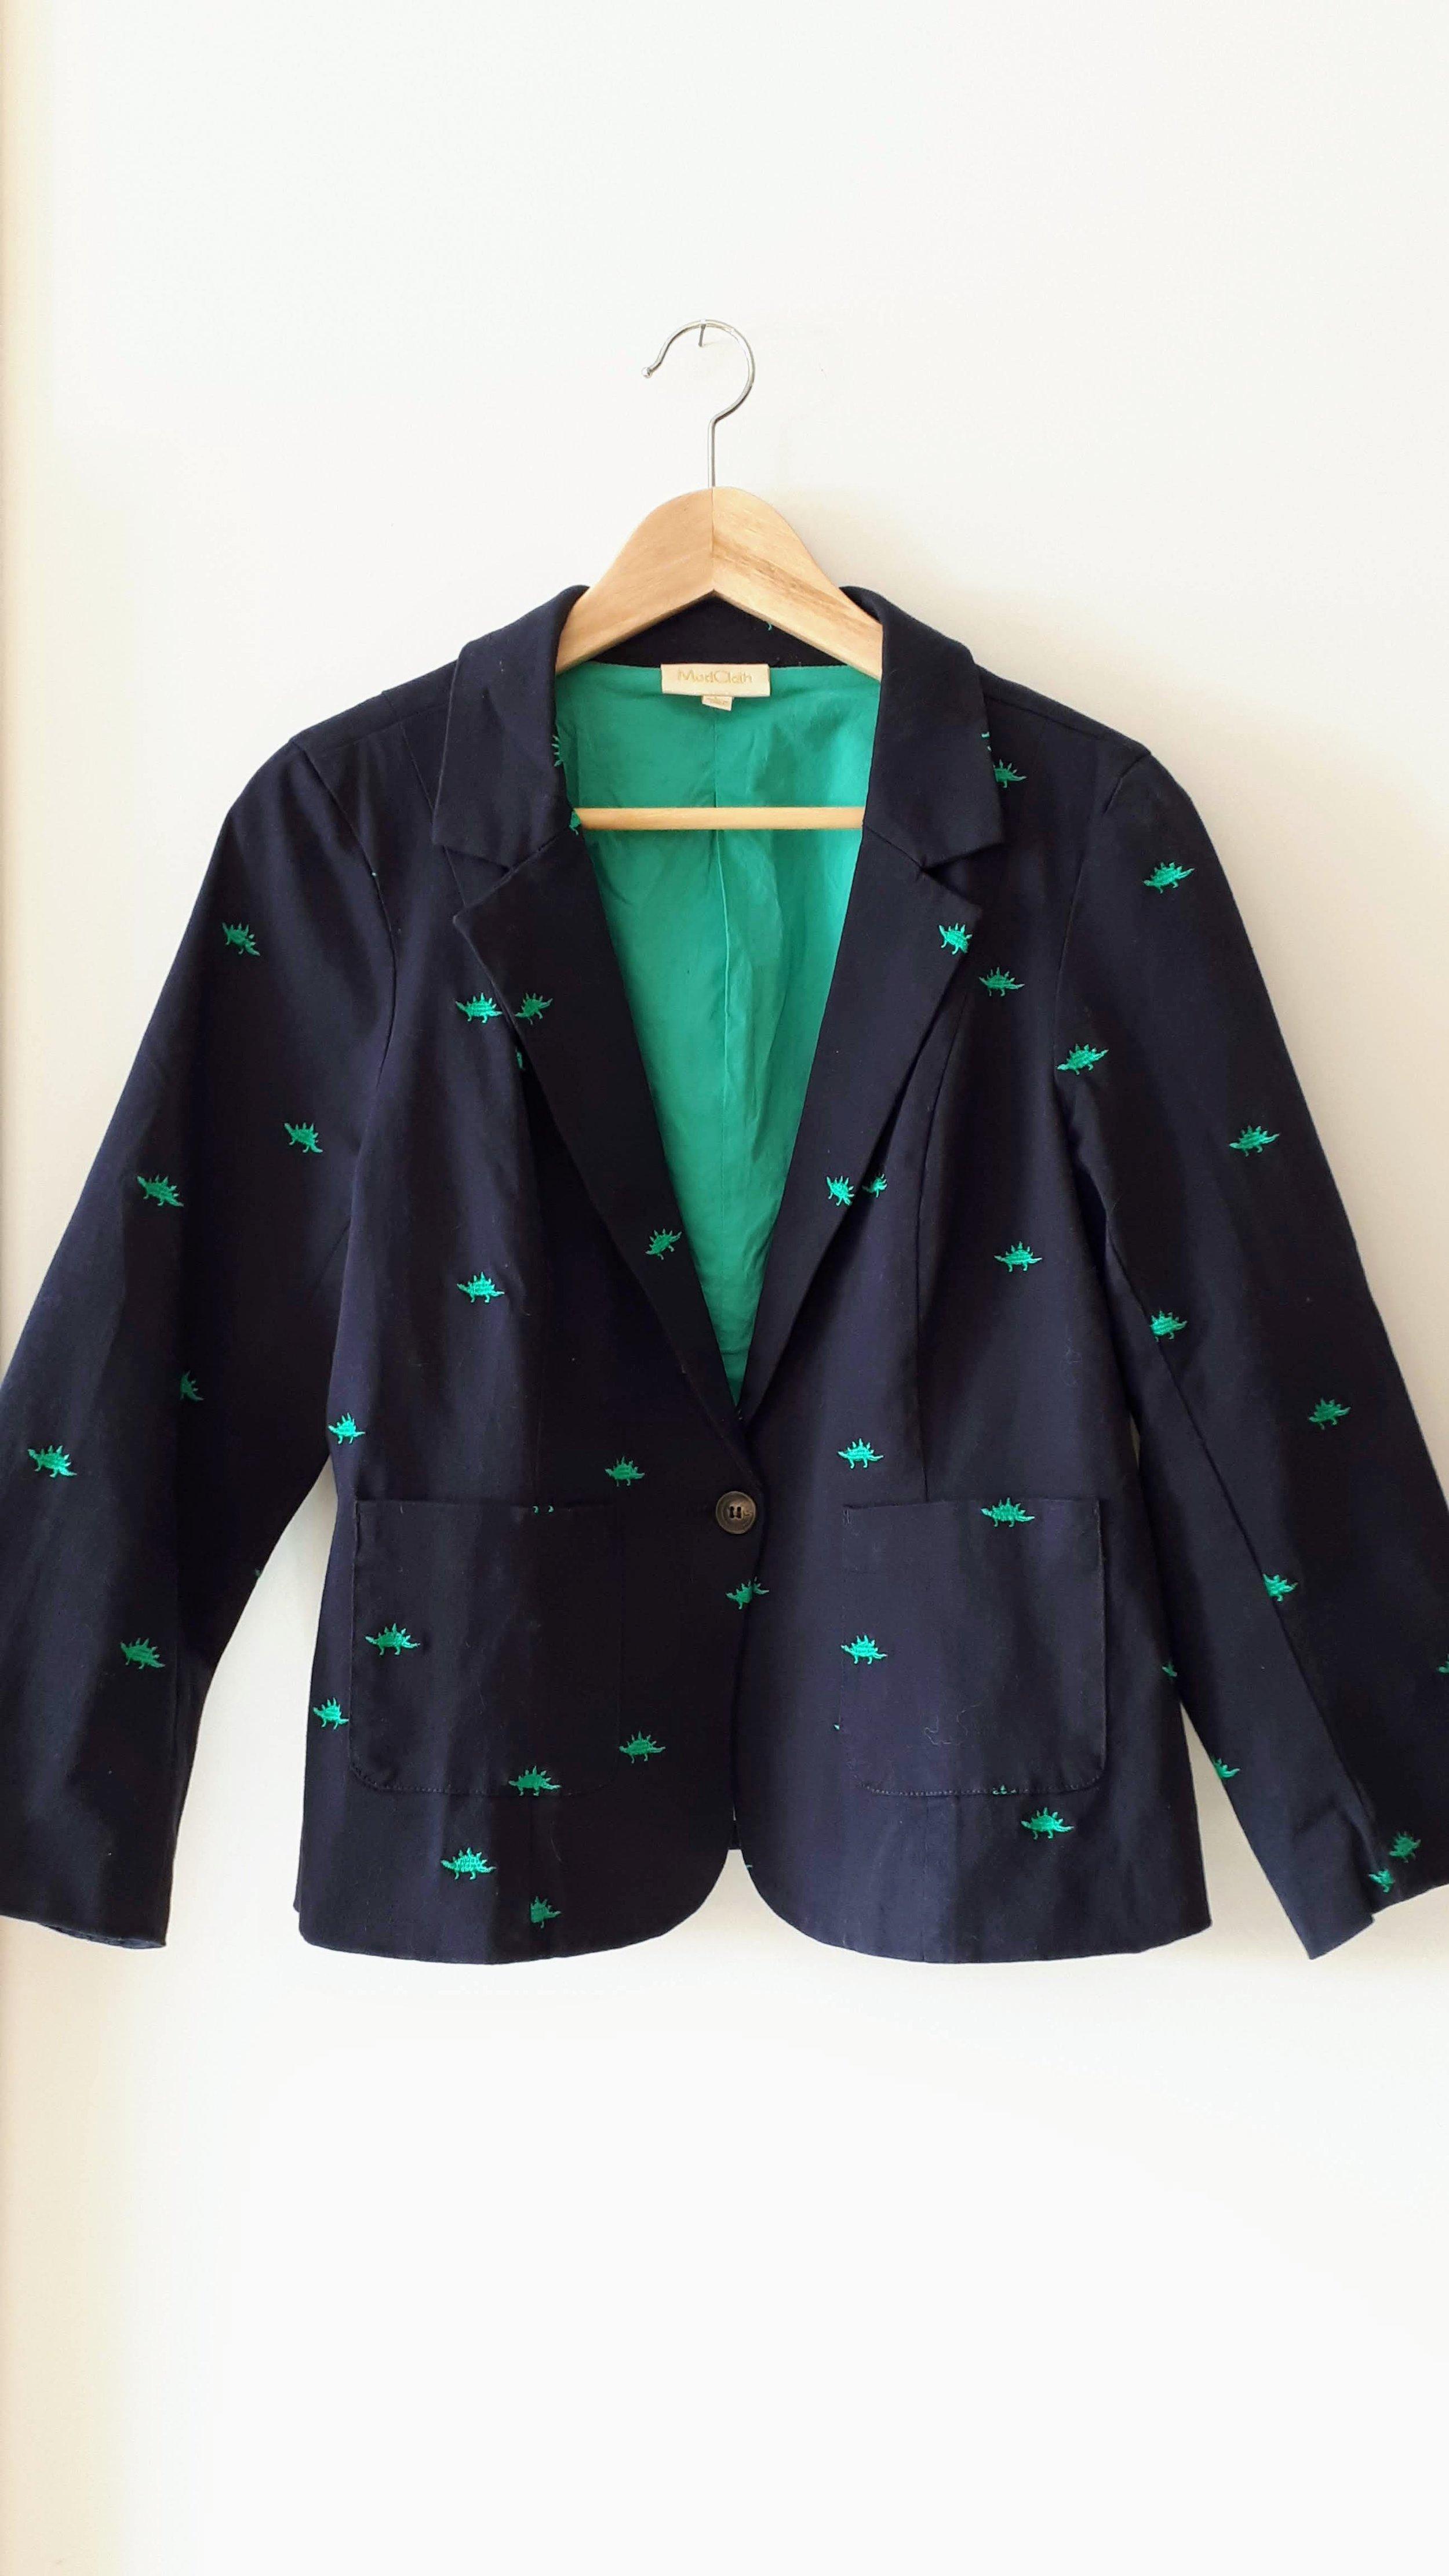 Mod Cloth blazer; Size L, $36